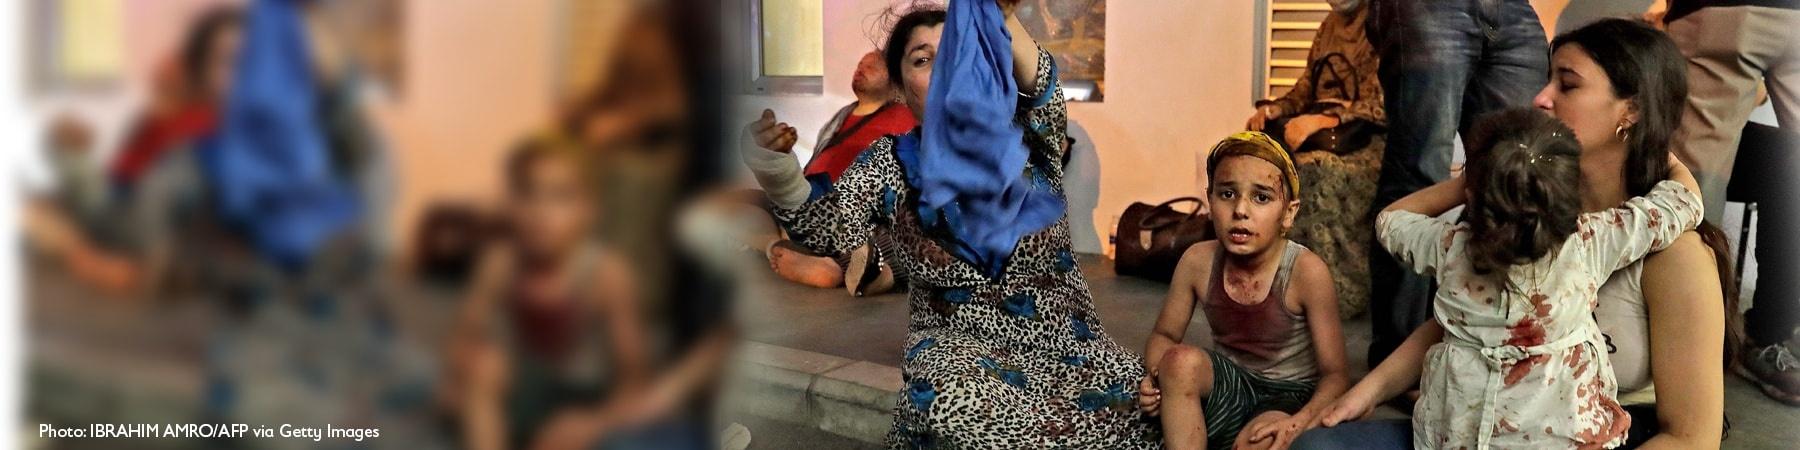 persone sedute a terra ferite tra cui due bambini feriti e una donna velata di blu con un braccio fasciato Libano